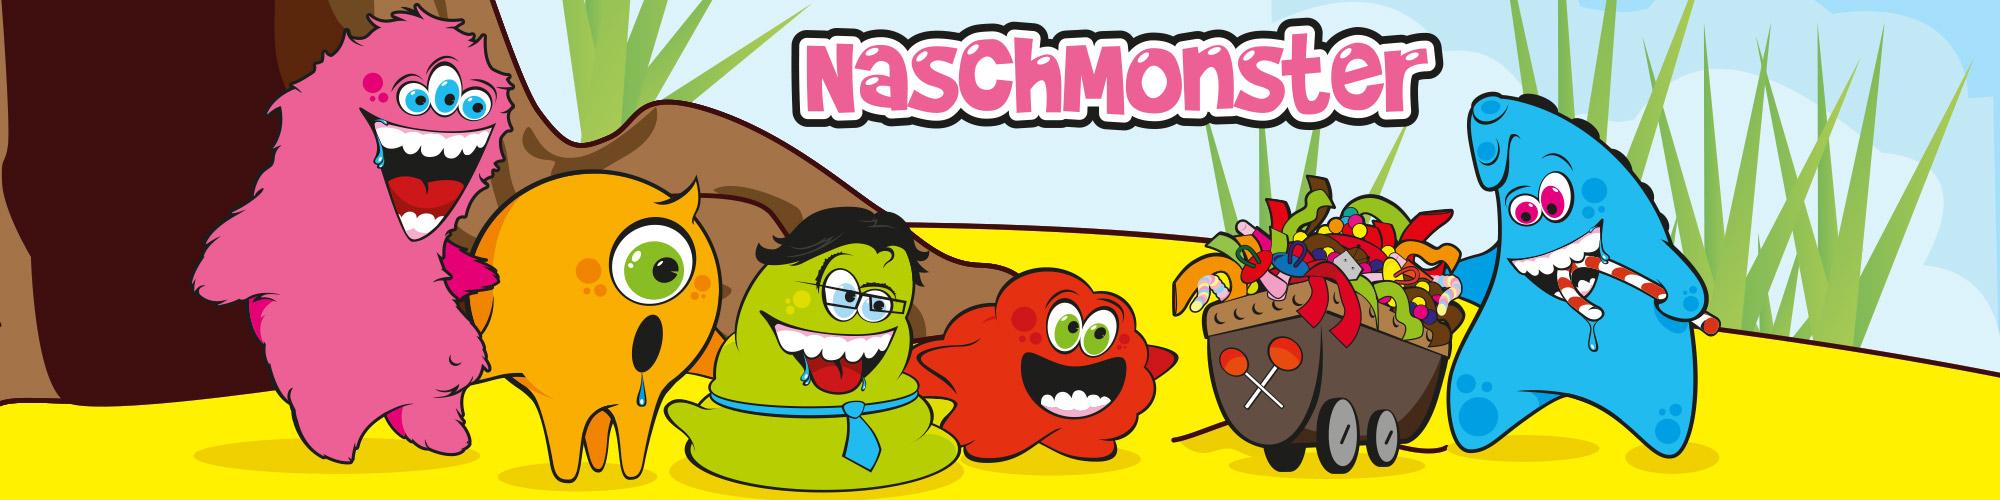 Naschmonster-Banner